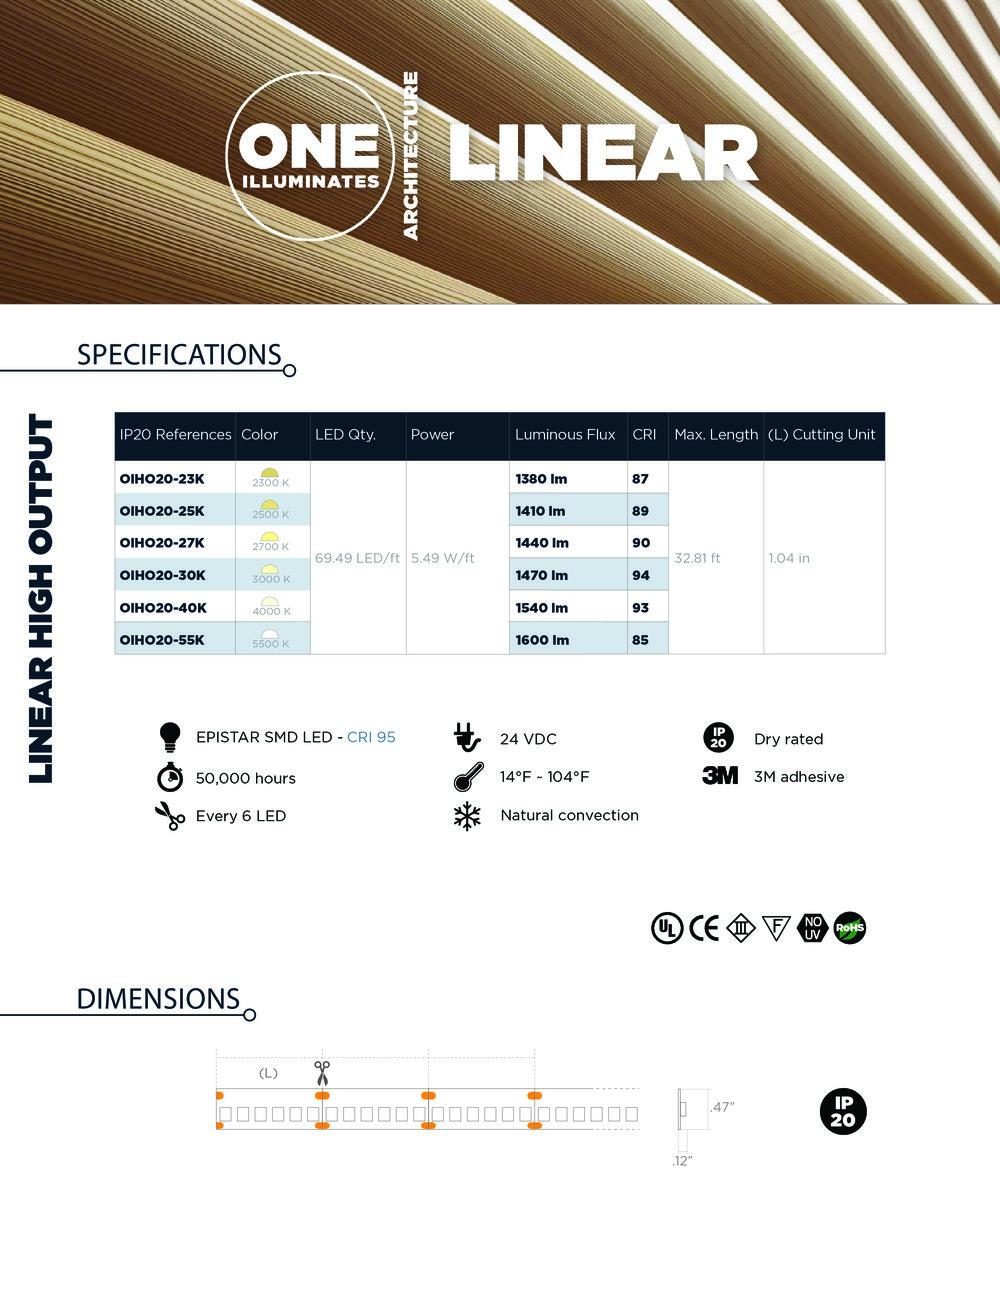 Linear High Output-01.jpg